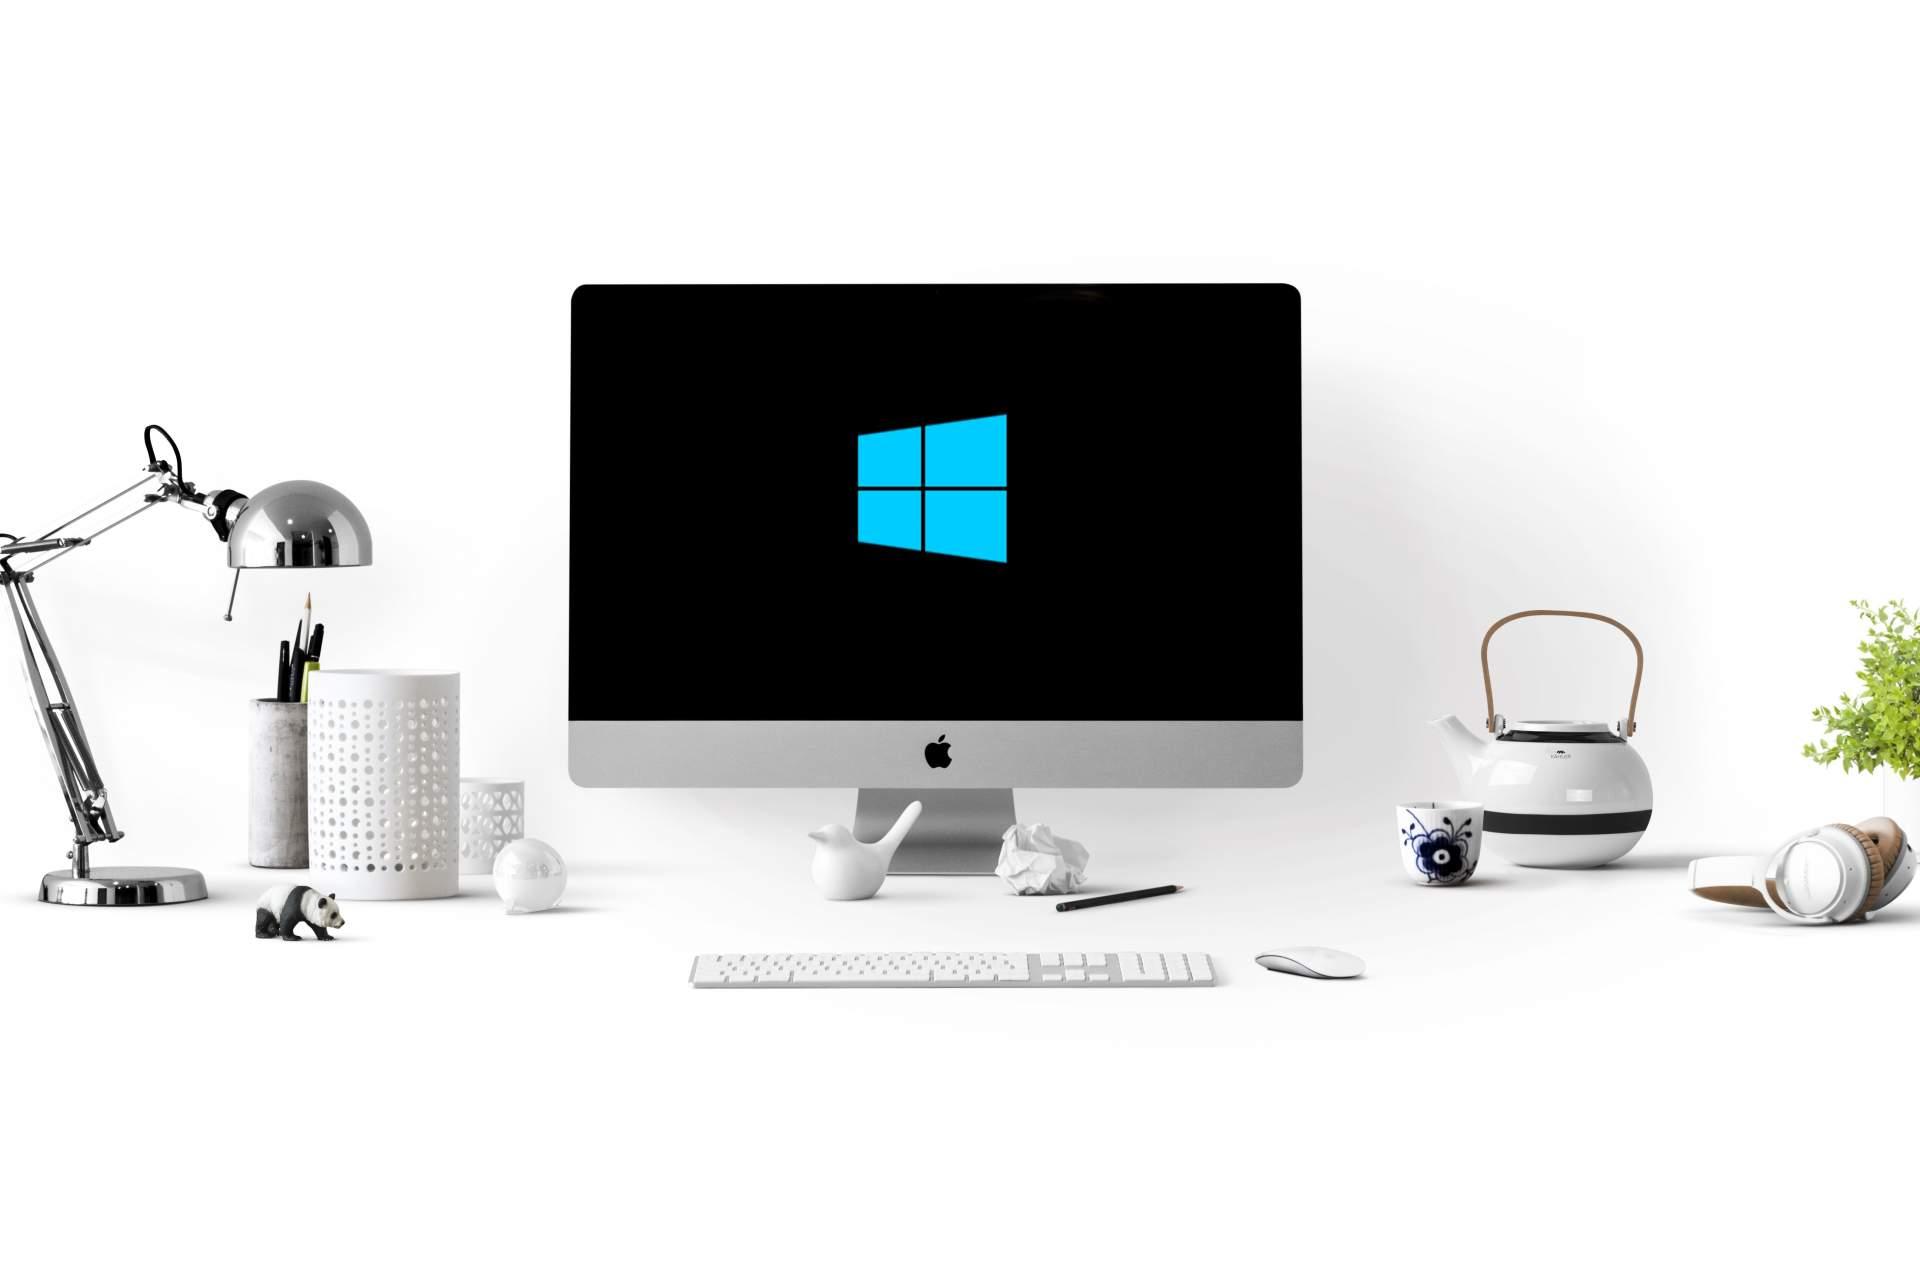 iMac-Windows